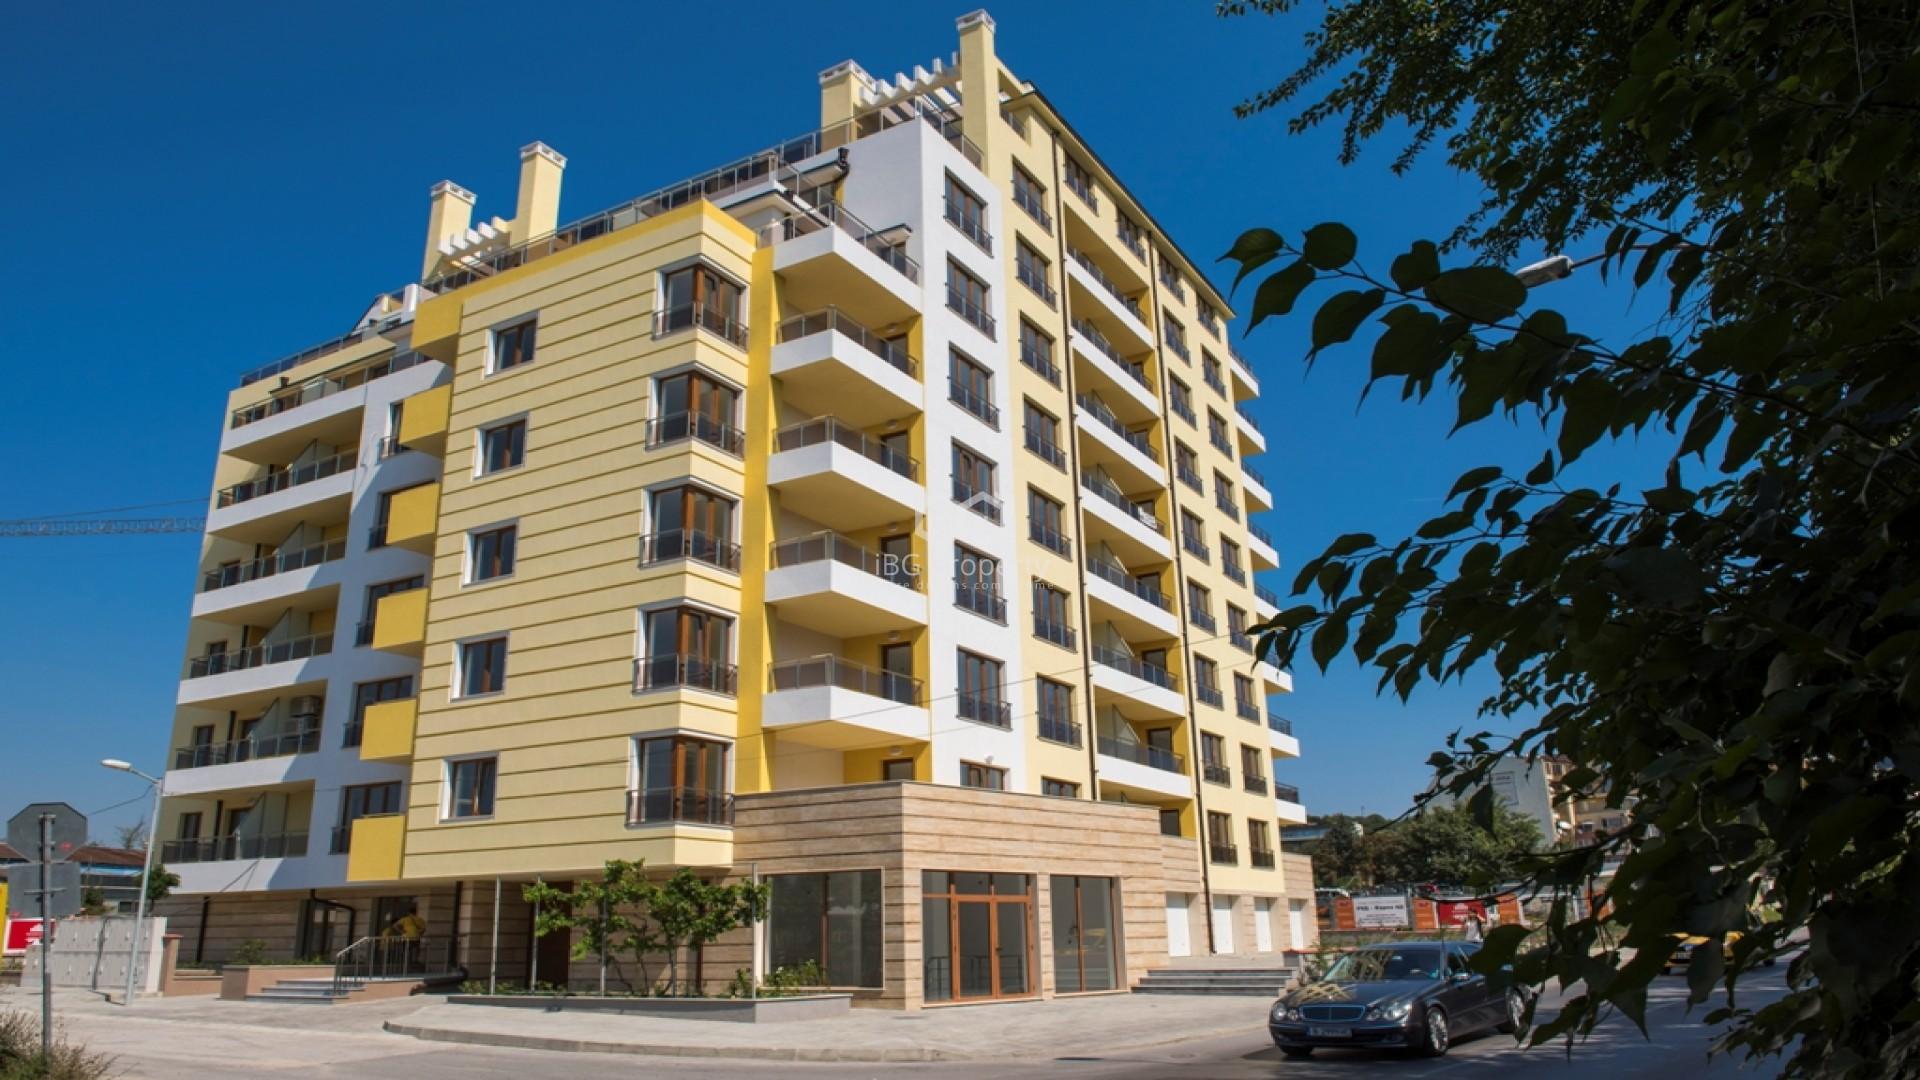 Zweizimmerwohnung in Pobeda, Varna 72,26 m2